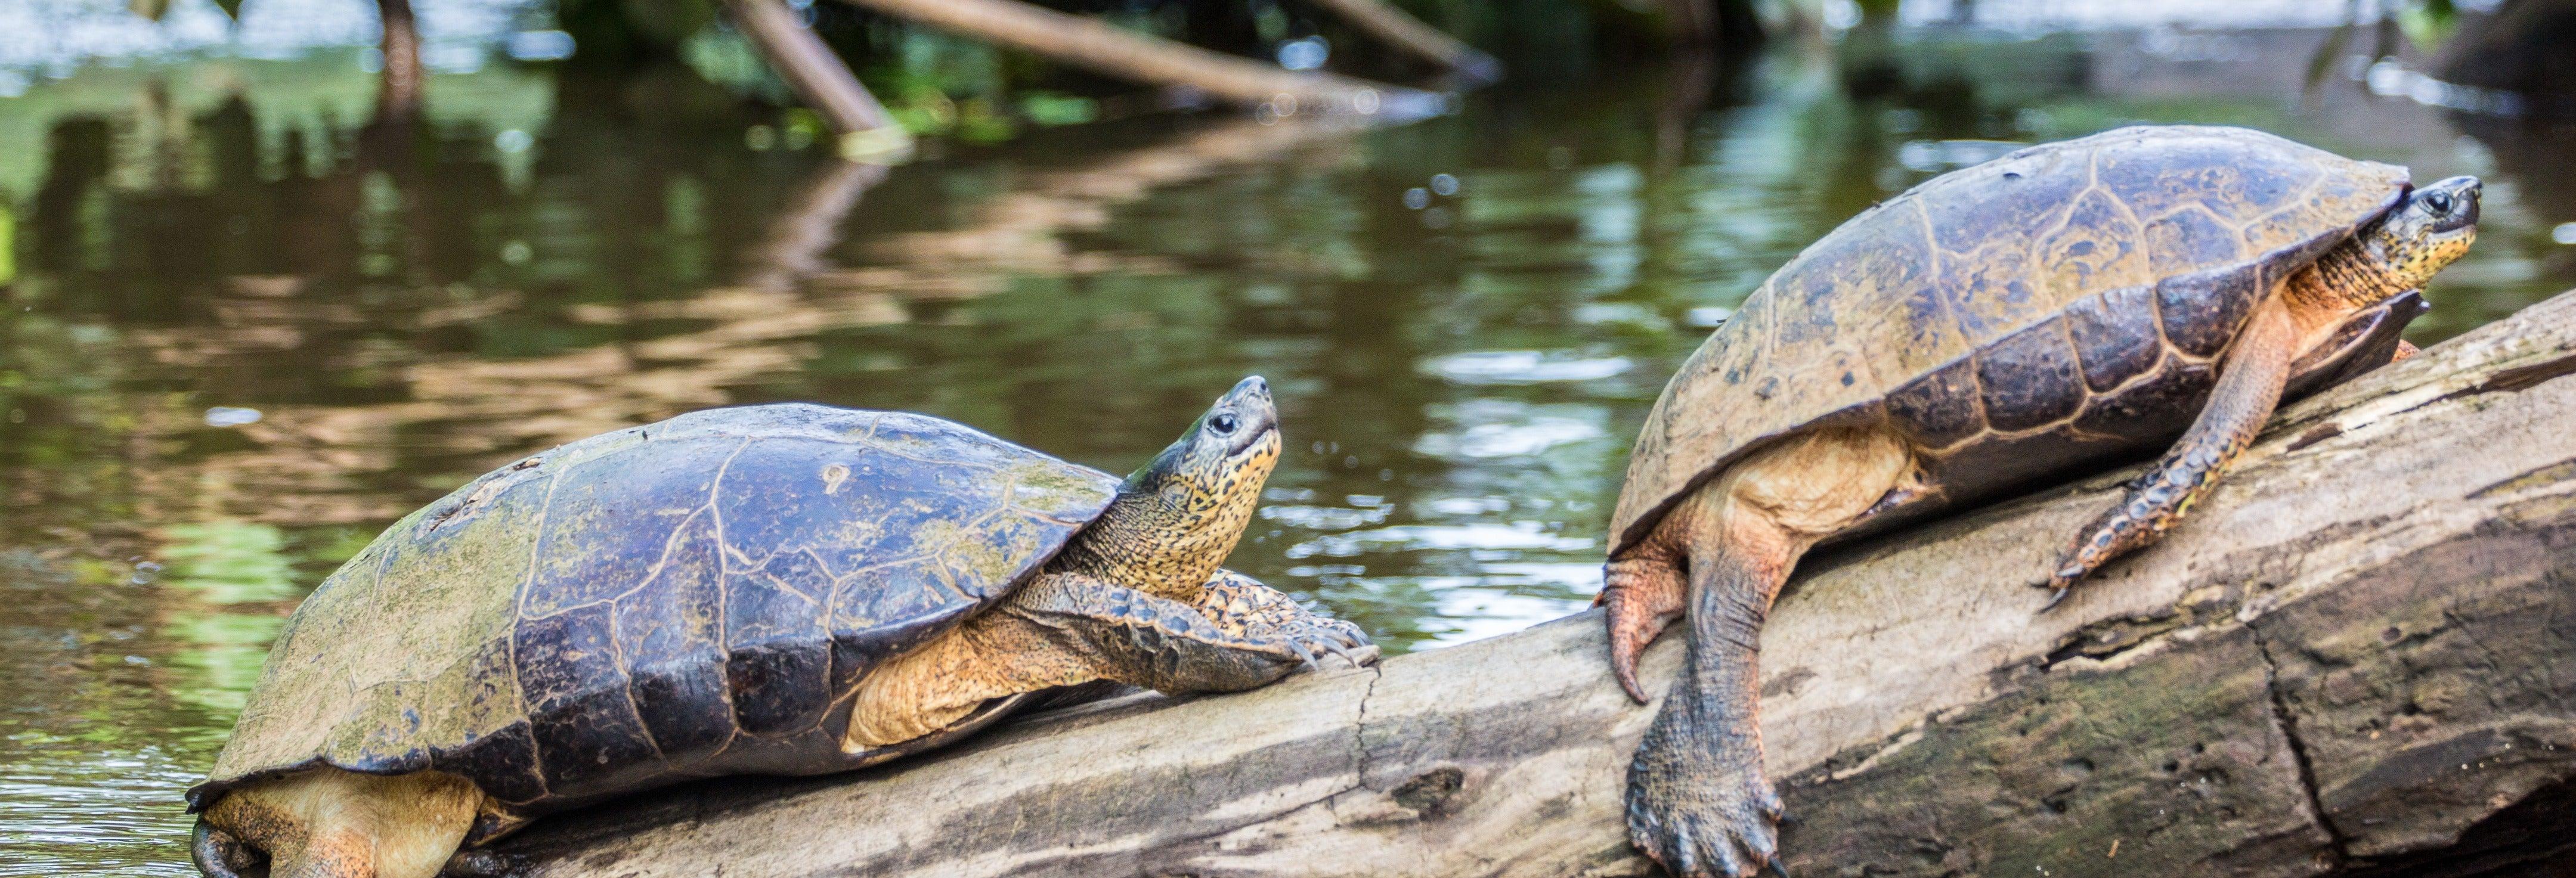 Tortuguero National Park Trip